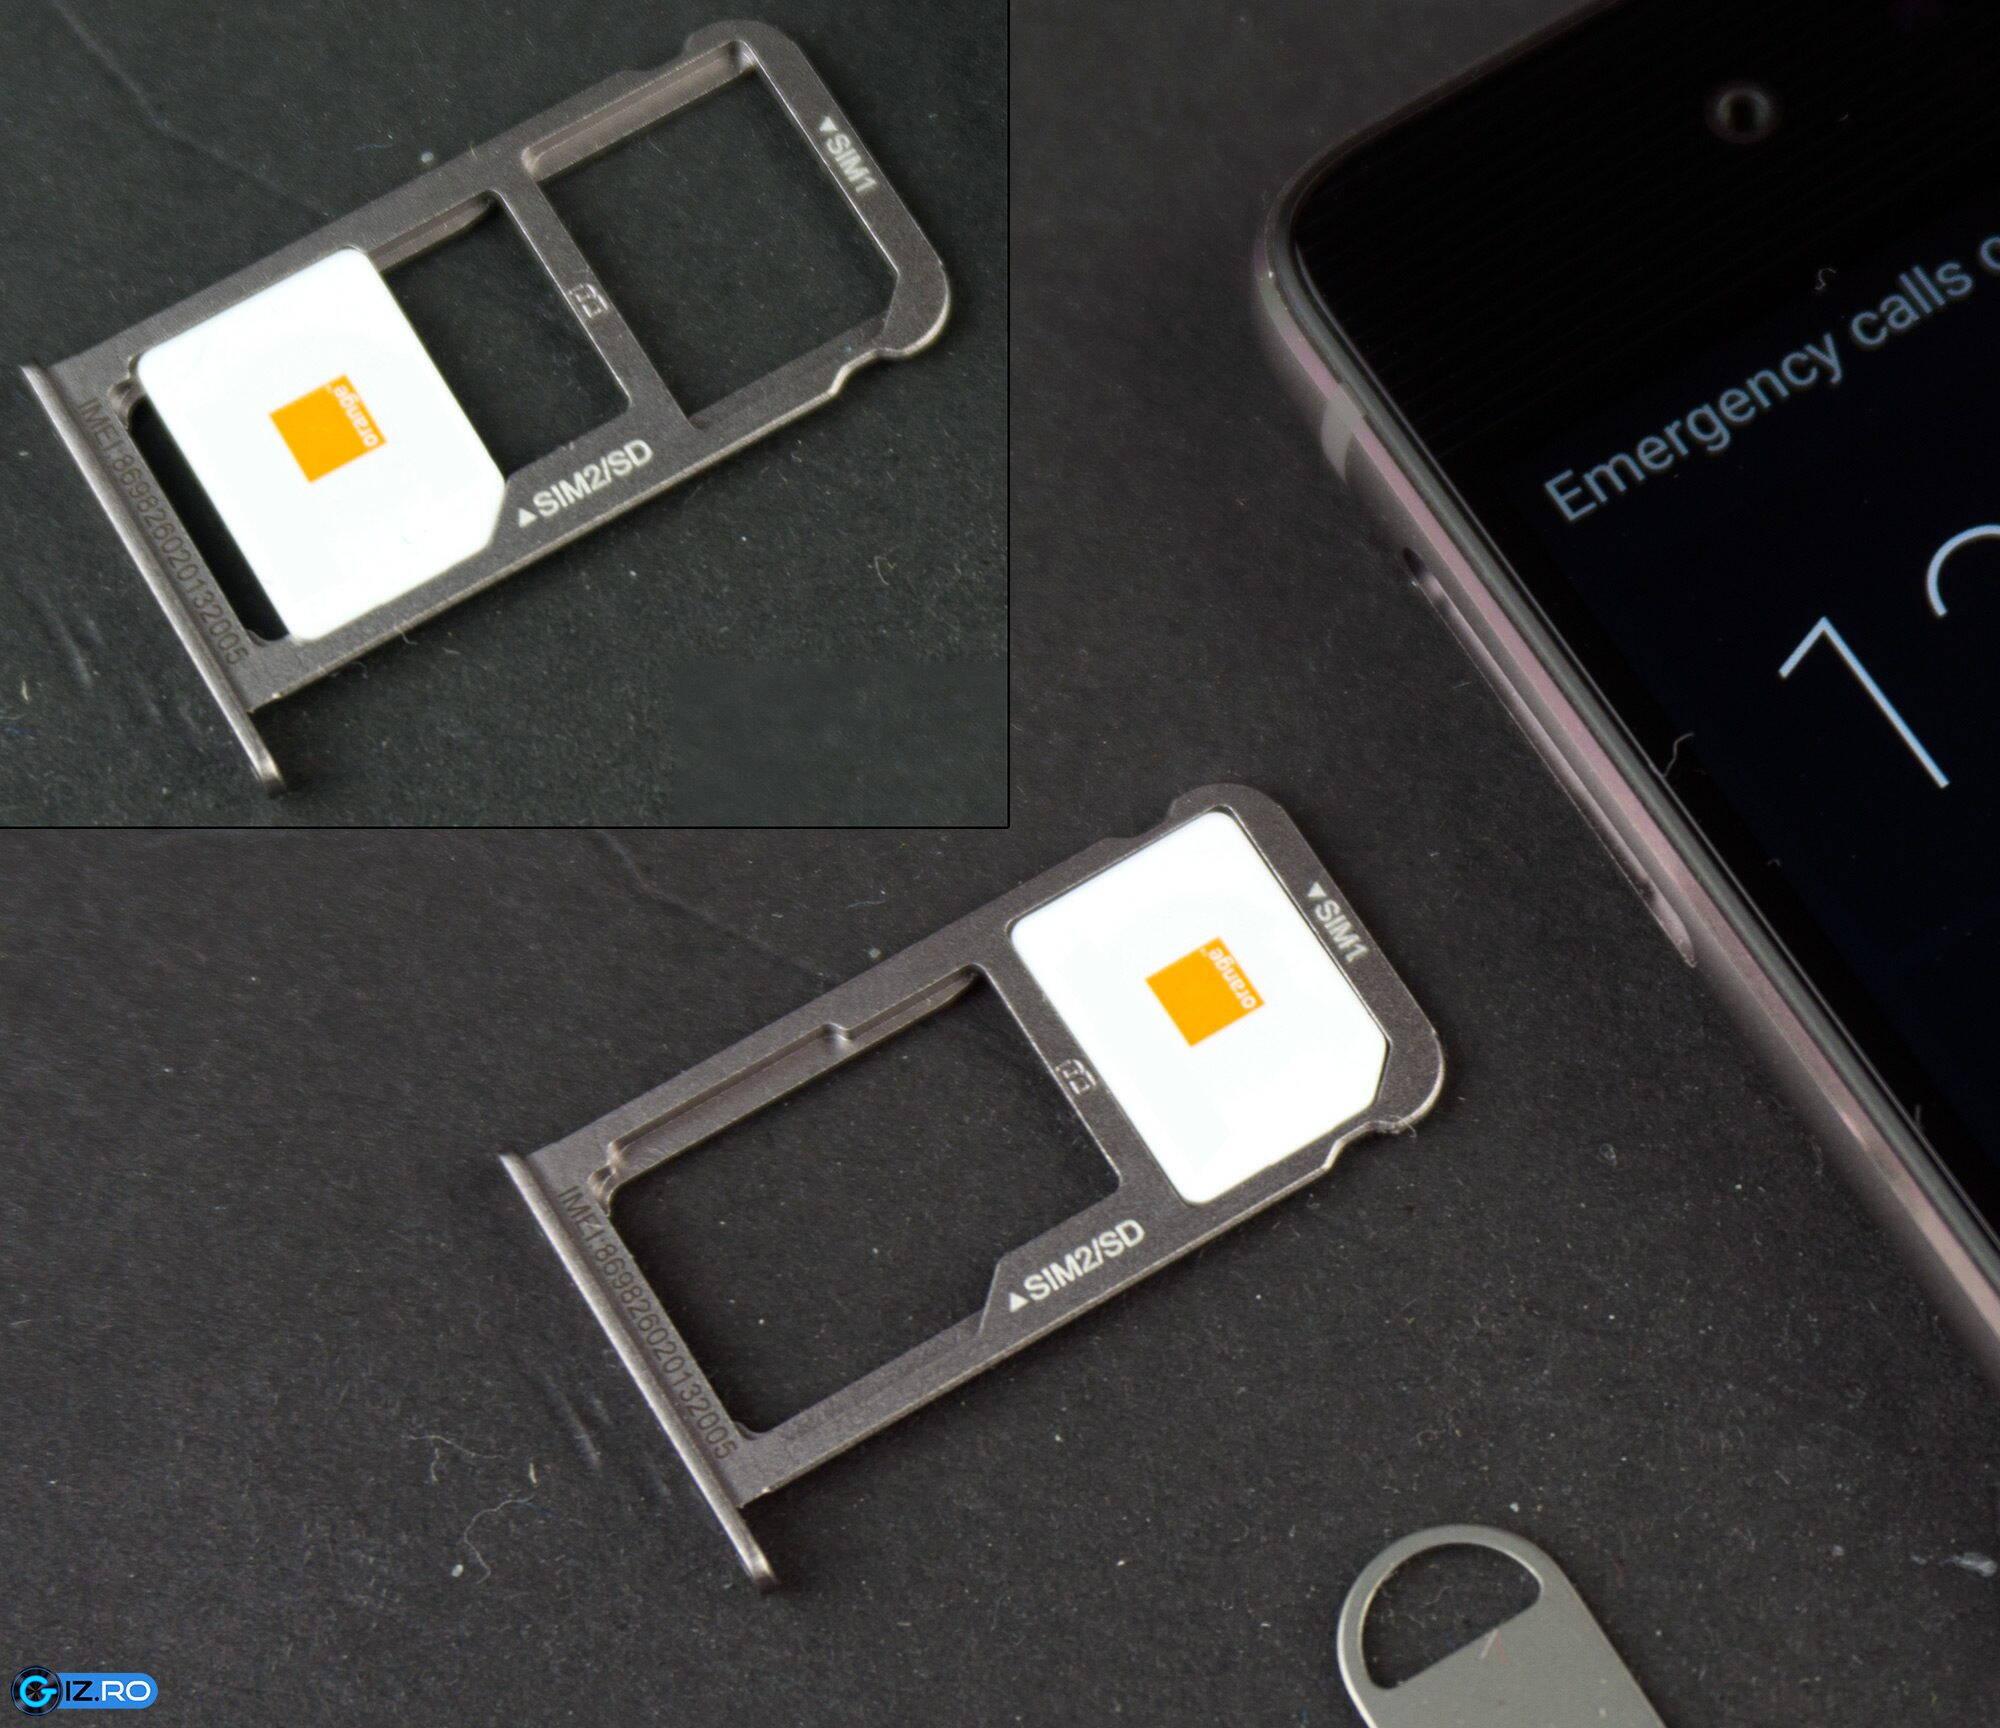 Ce alegi? Un SIM in plus sau card microSD?